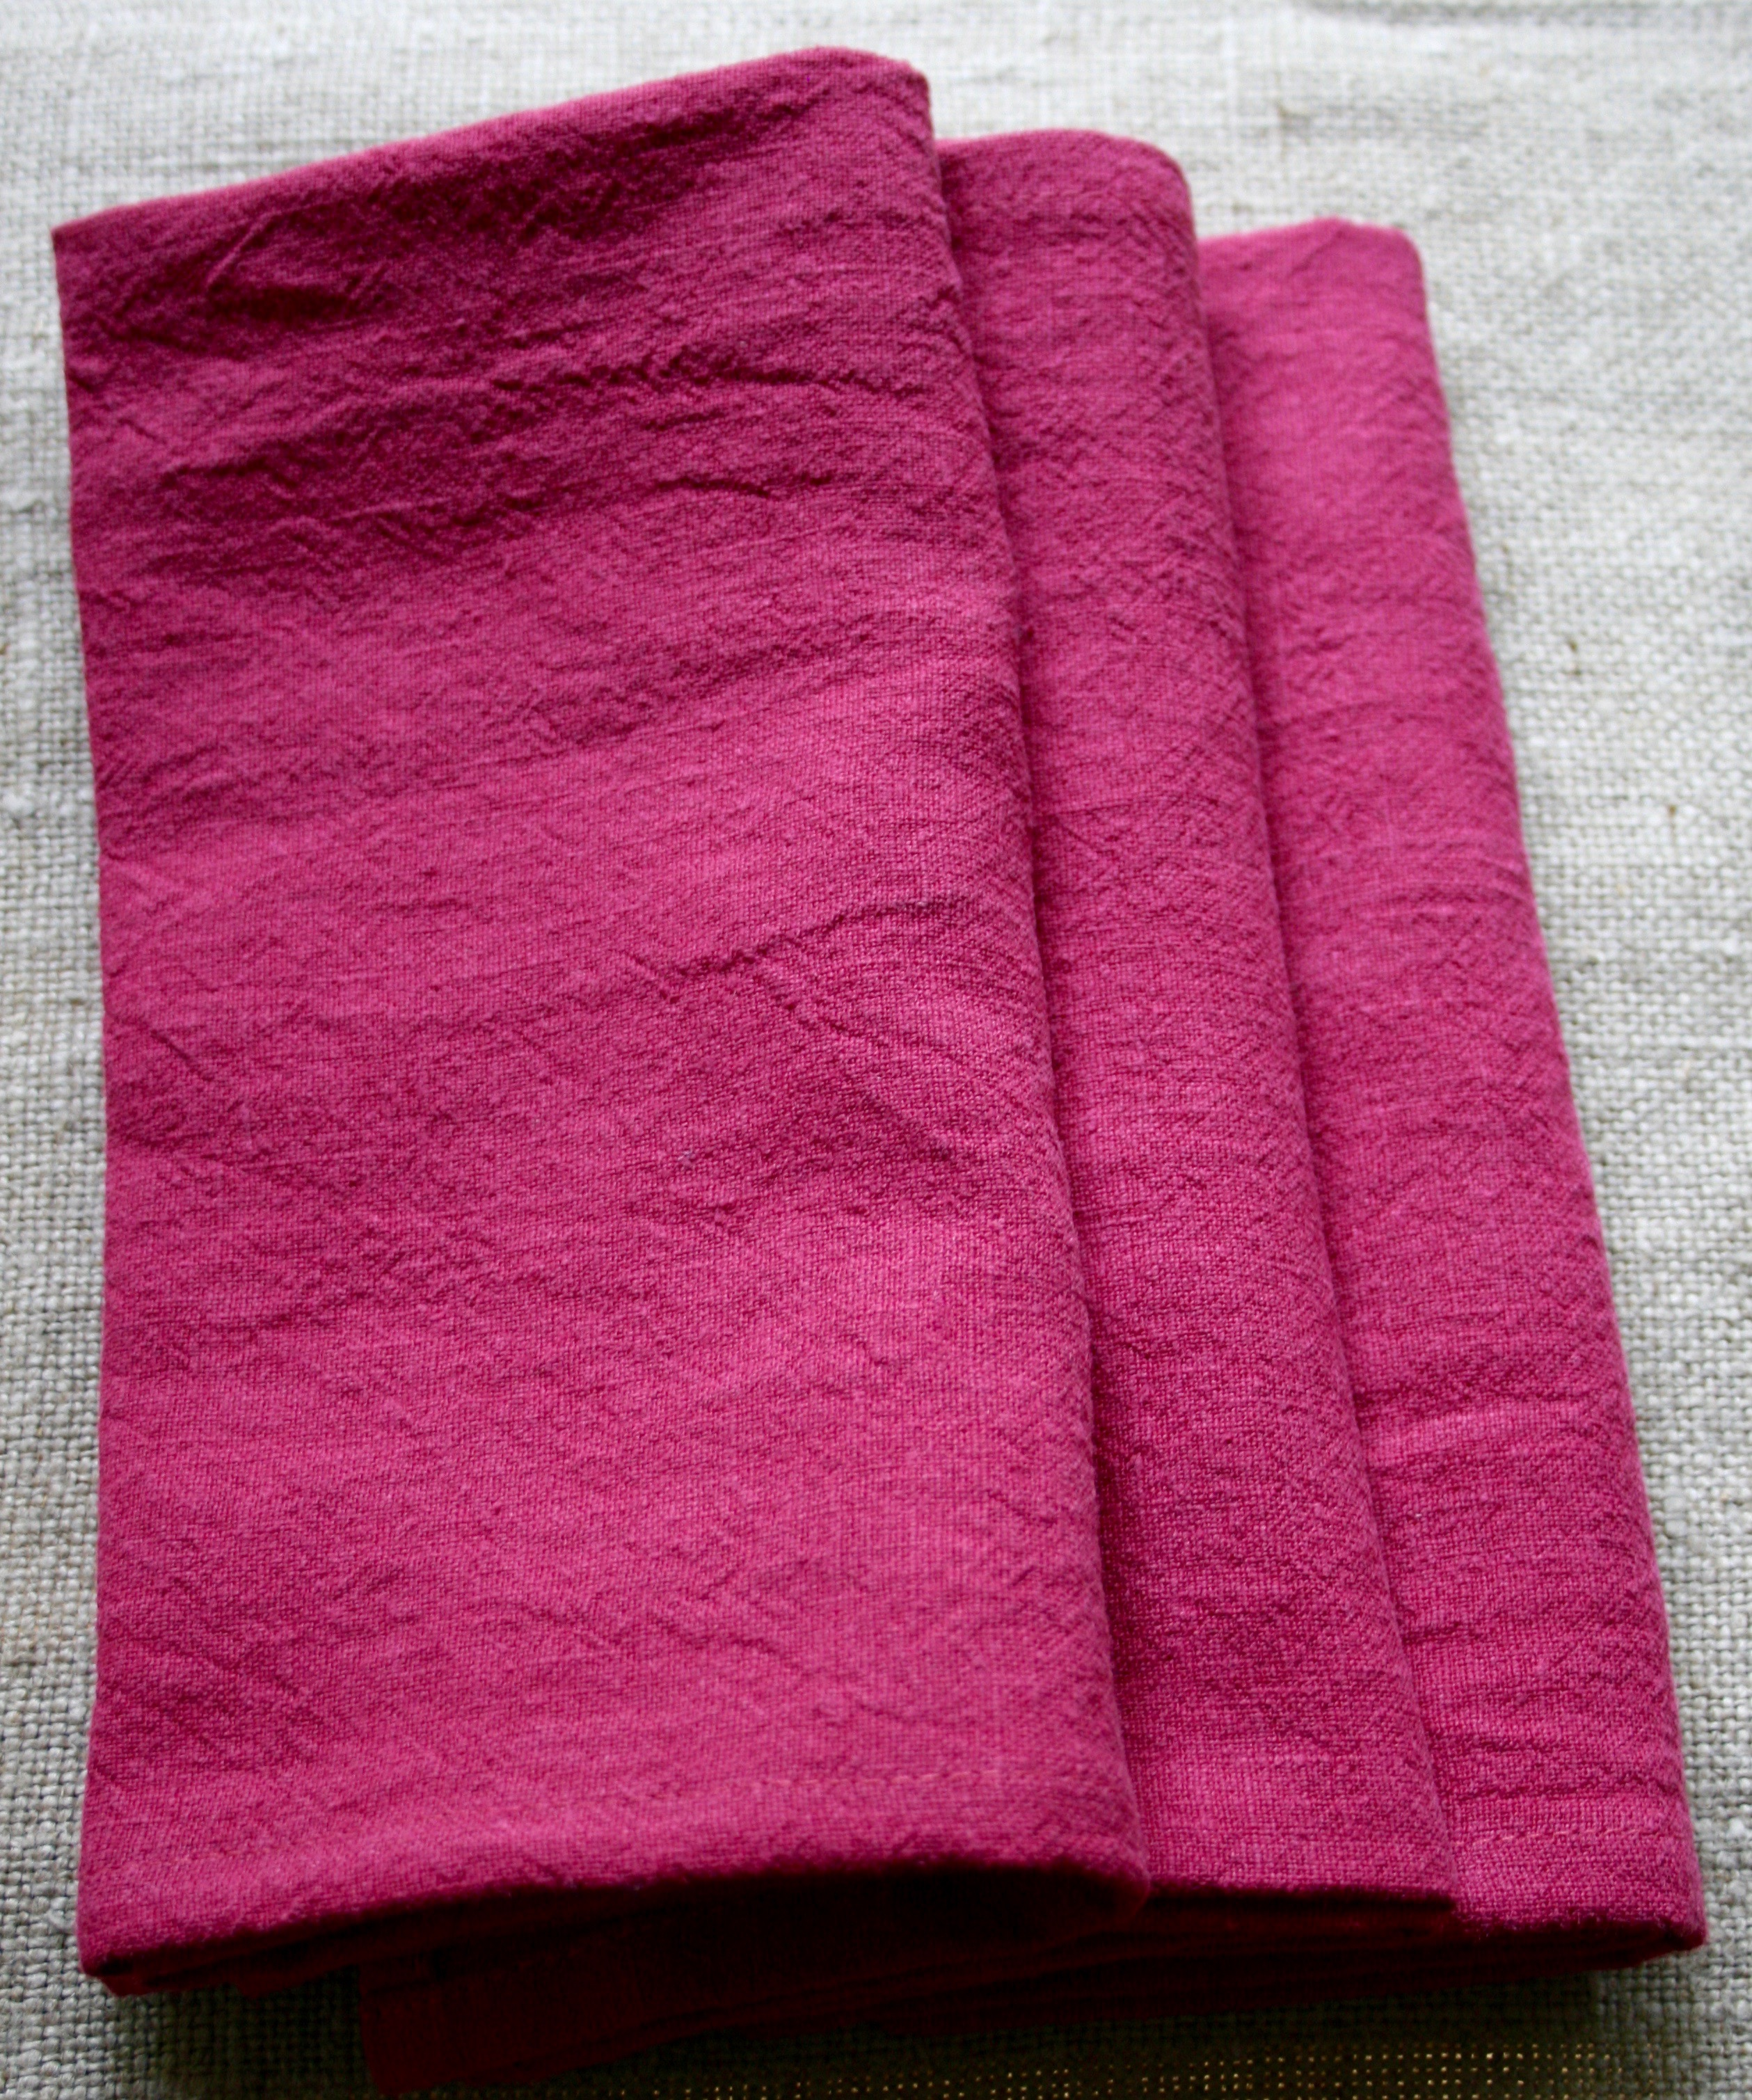 serviette de table lin indigolab couleur. Black Bedroom Furniture Sets. Home Design Ideas